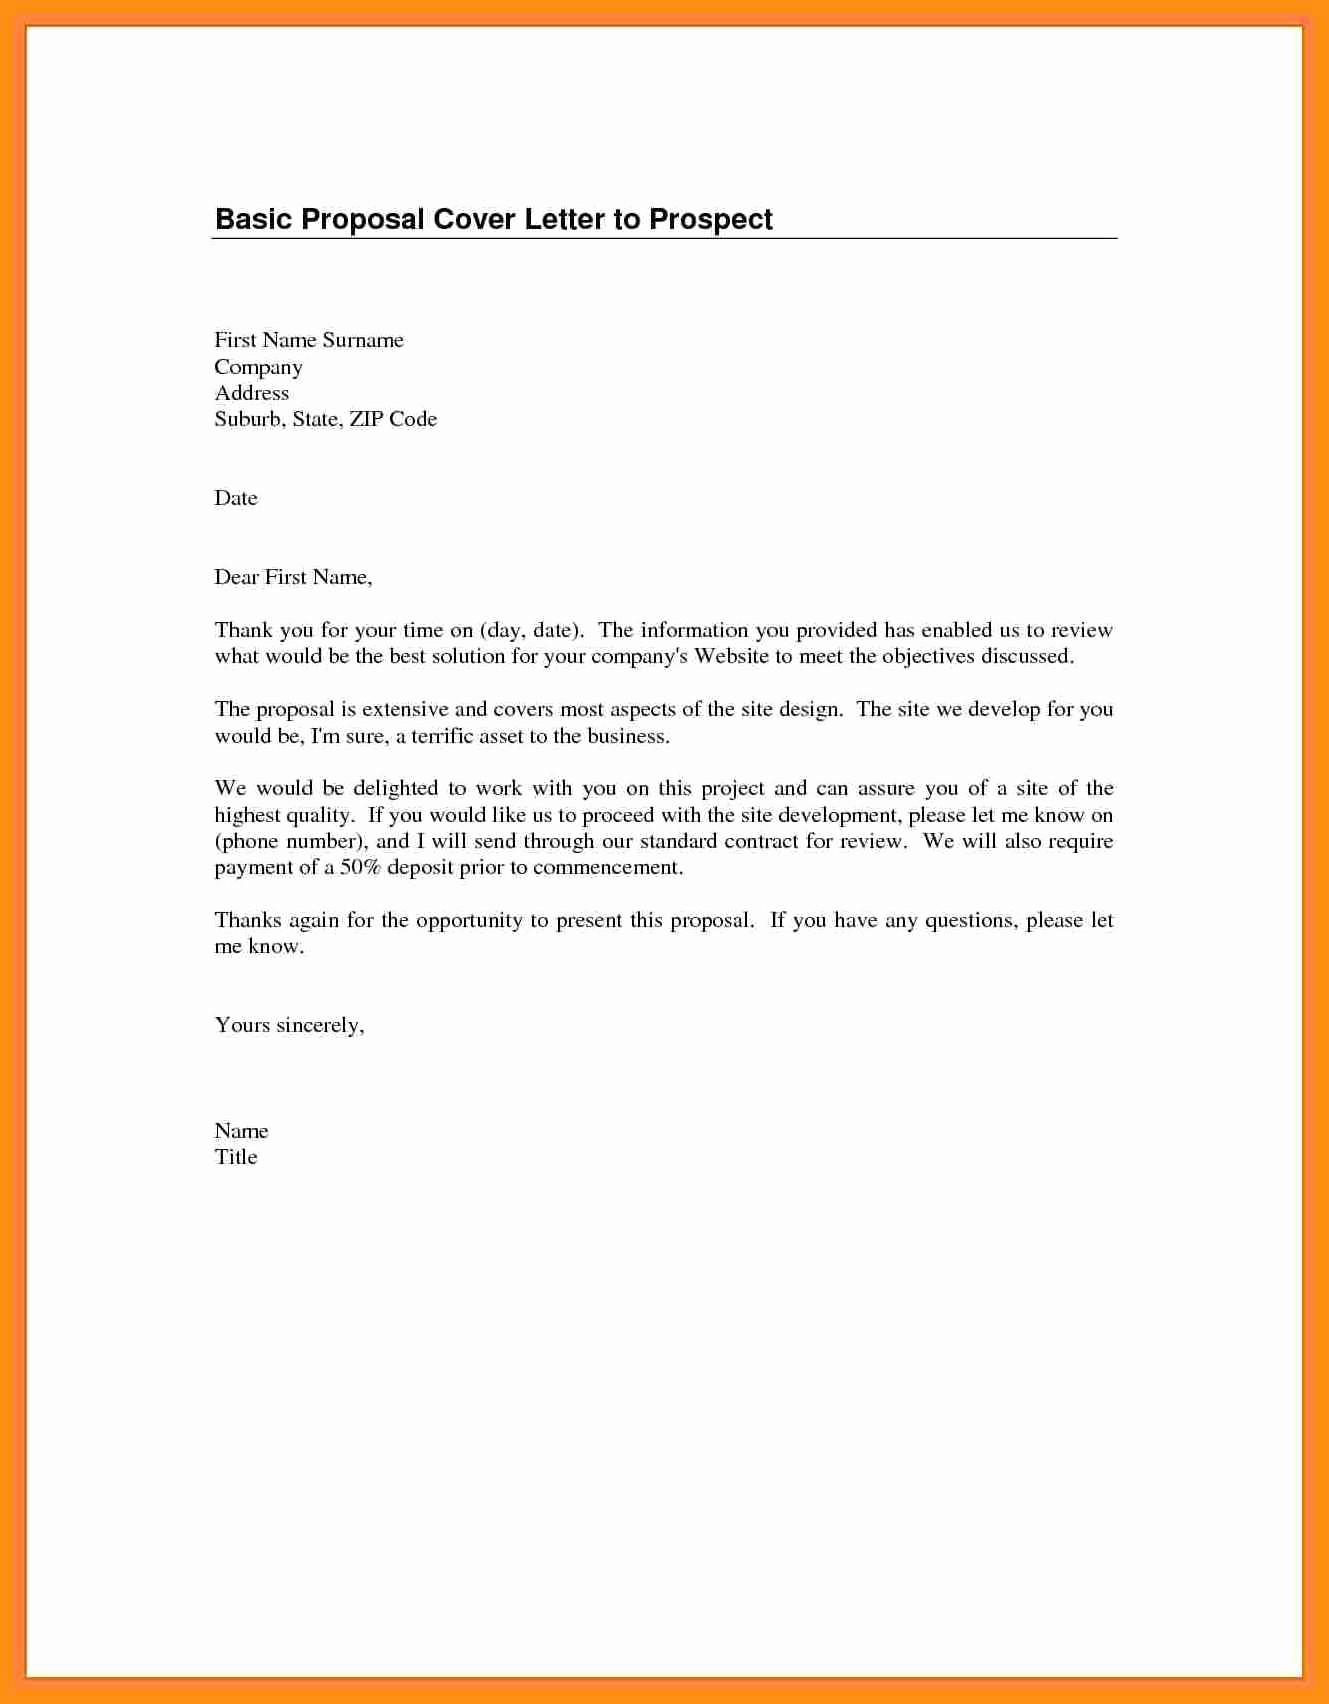 Basic Resume Cover Letter Examples Fresh Basic Cover Letter for Any Job